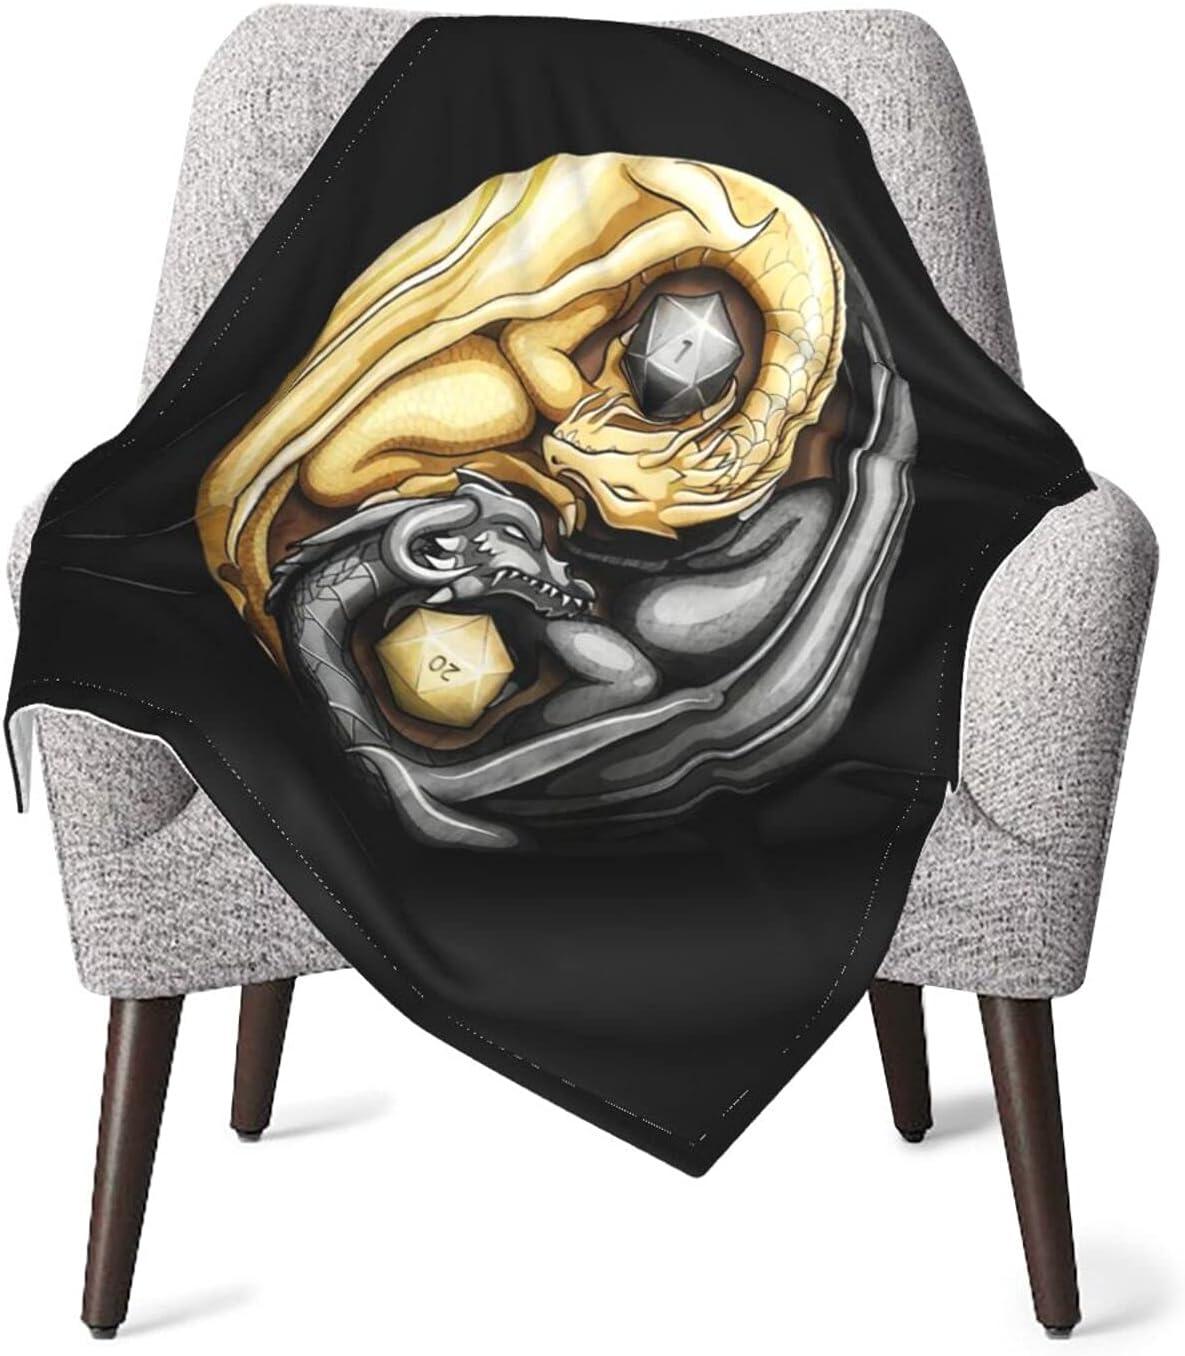 QWEQW Children's Baby Blanket Super Soft sale Toddler Fleece unisex